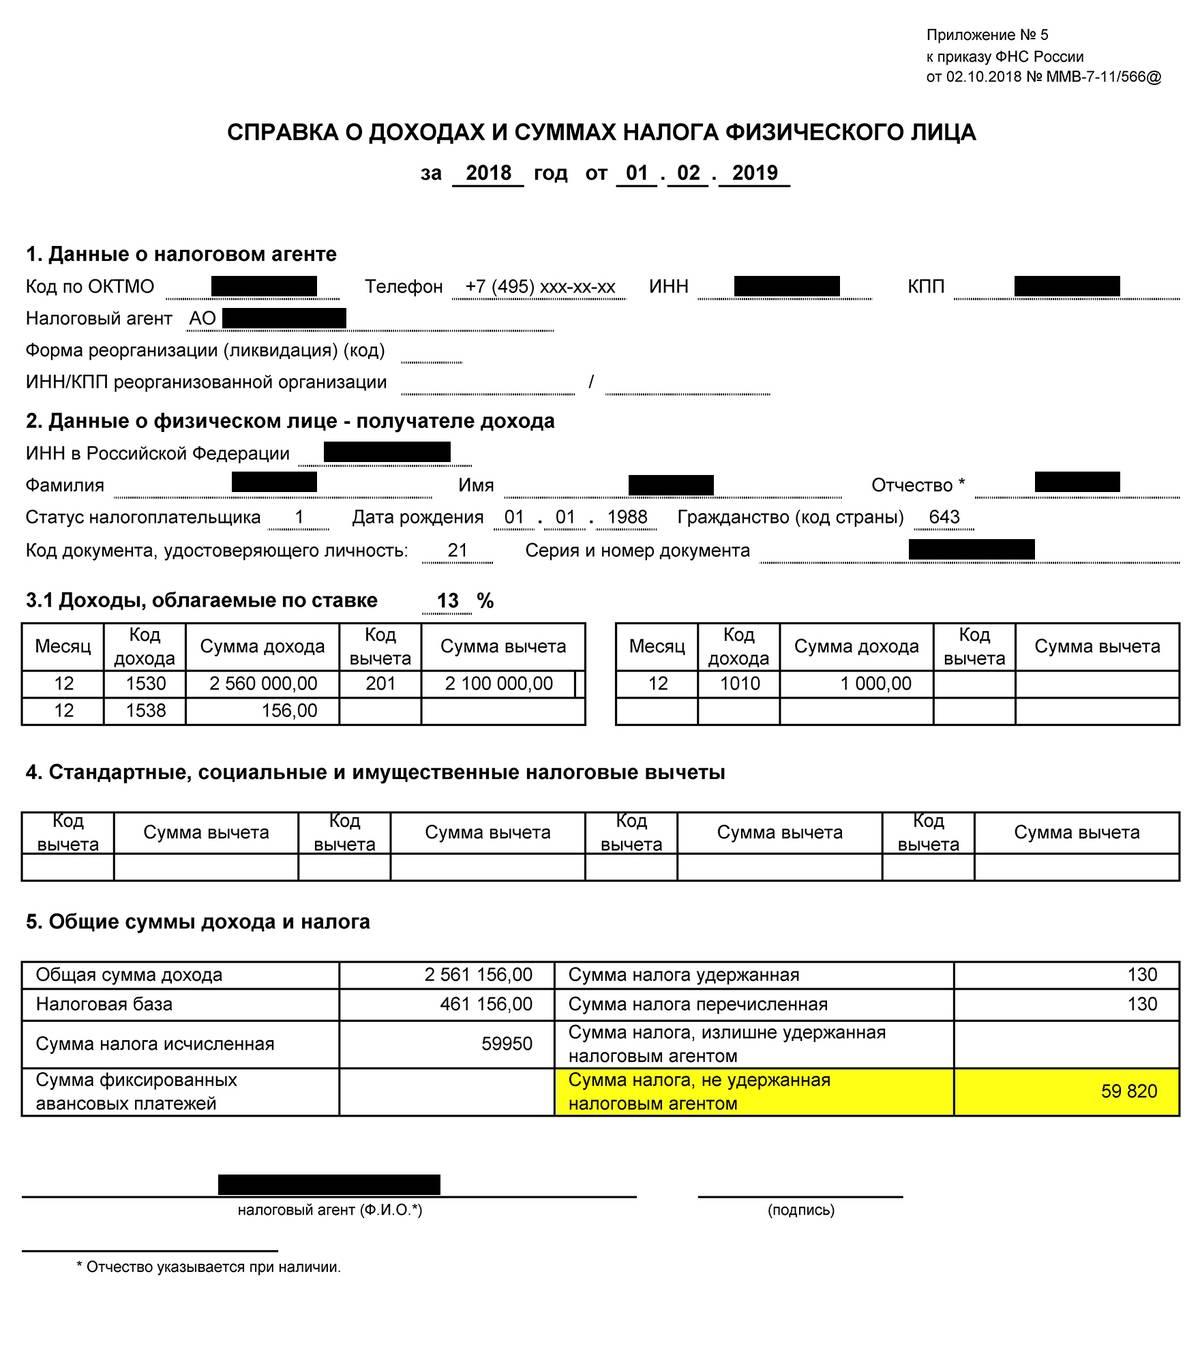 Справка 2-НДФЛ с отметкой о том, что брокер не удержал налог